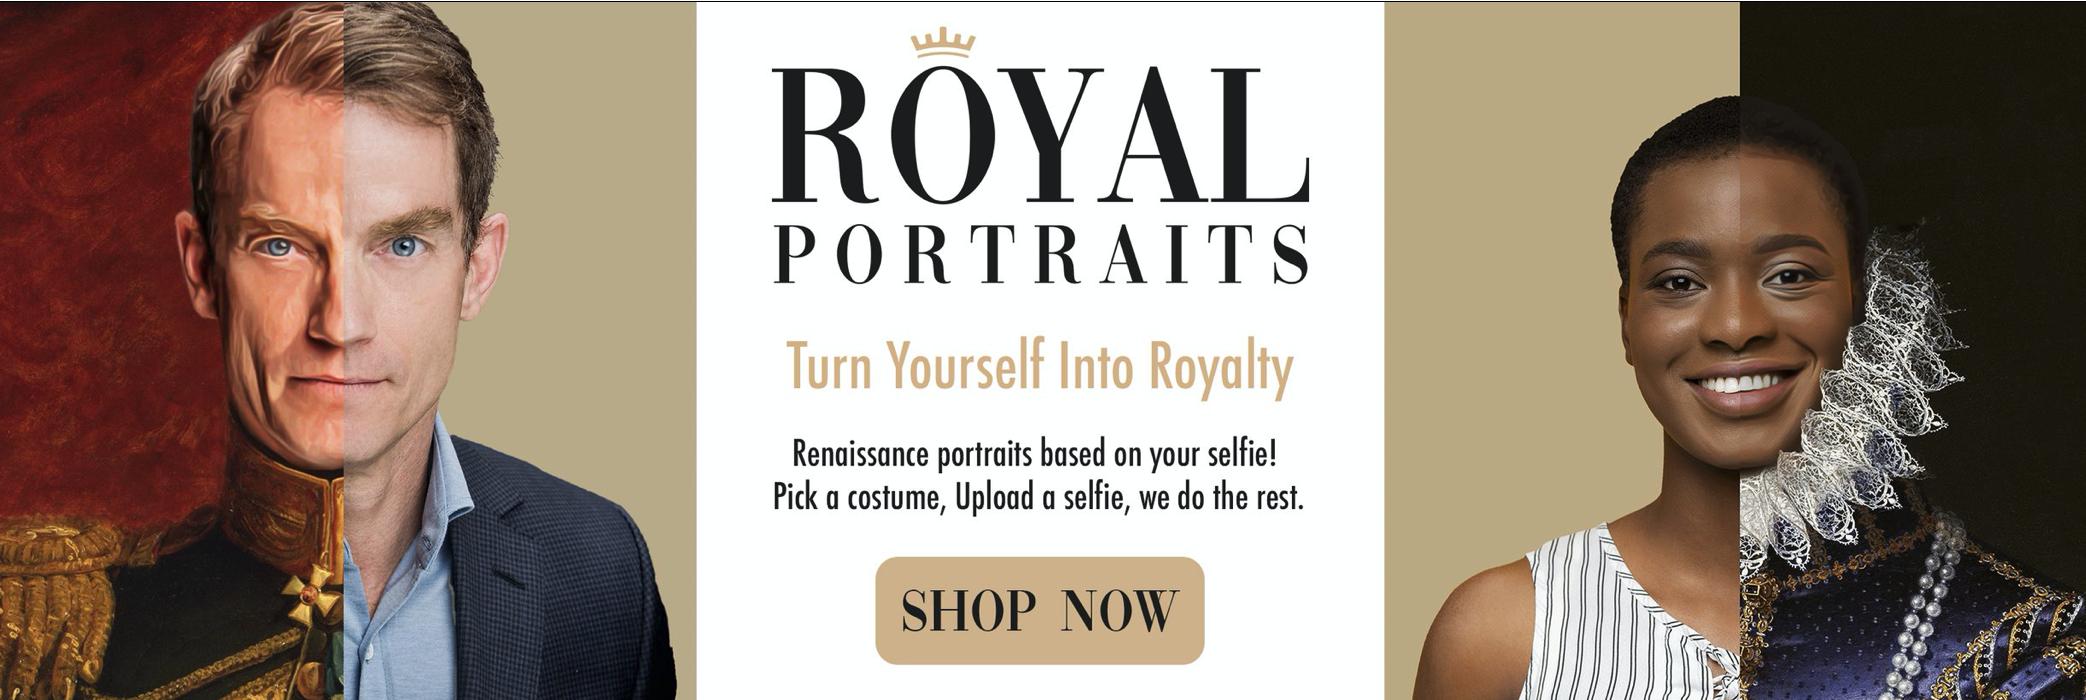 personaliza tus fotos convirtiéndolas en retratos históricos